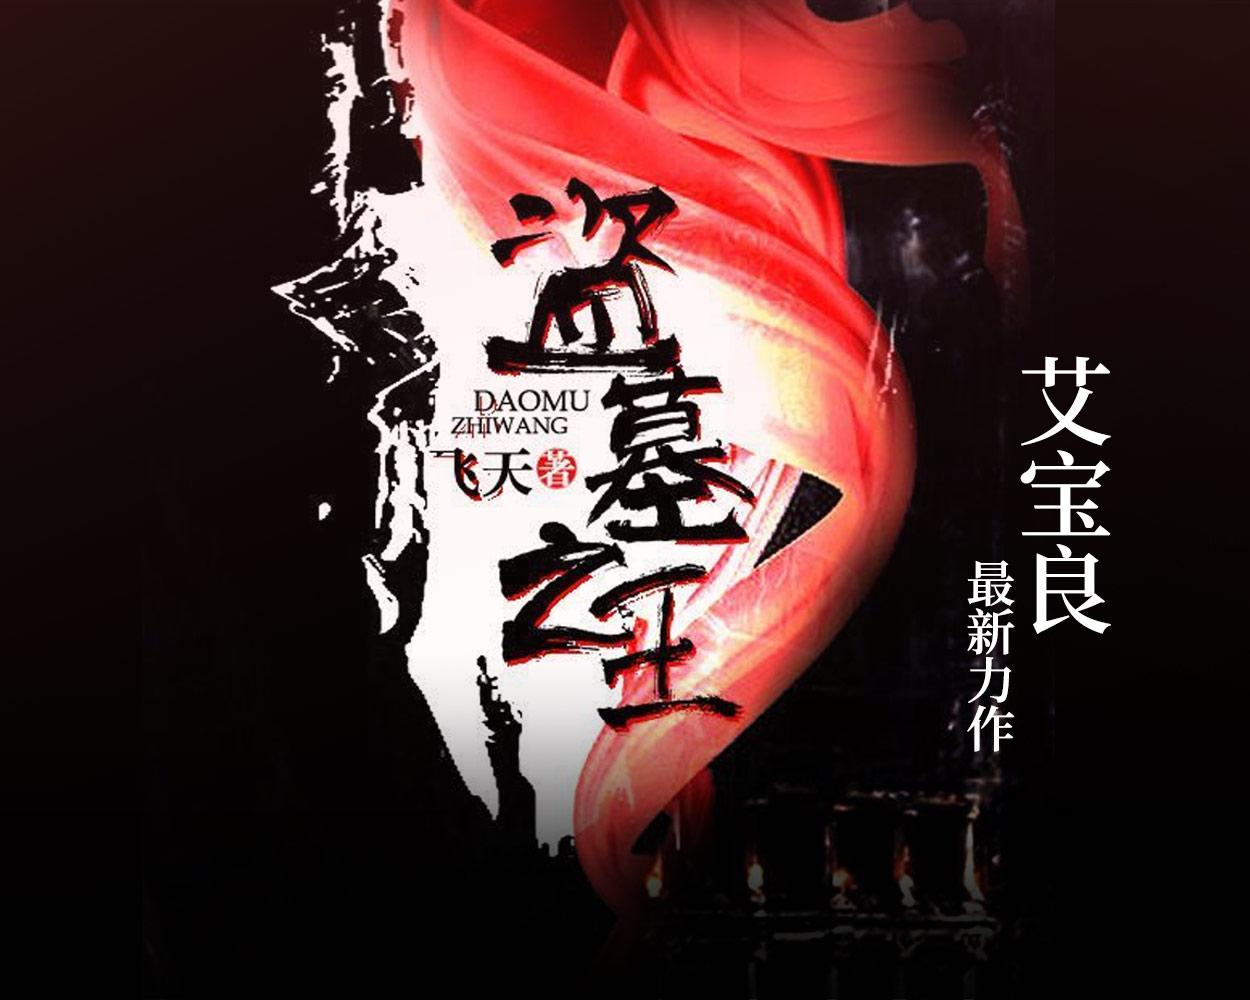 《盗墓之王》艾宝良演播悬疑小说